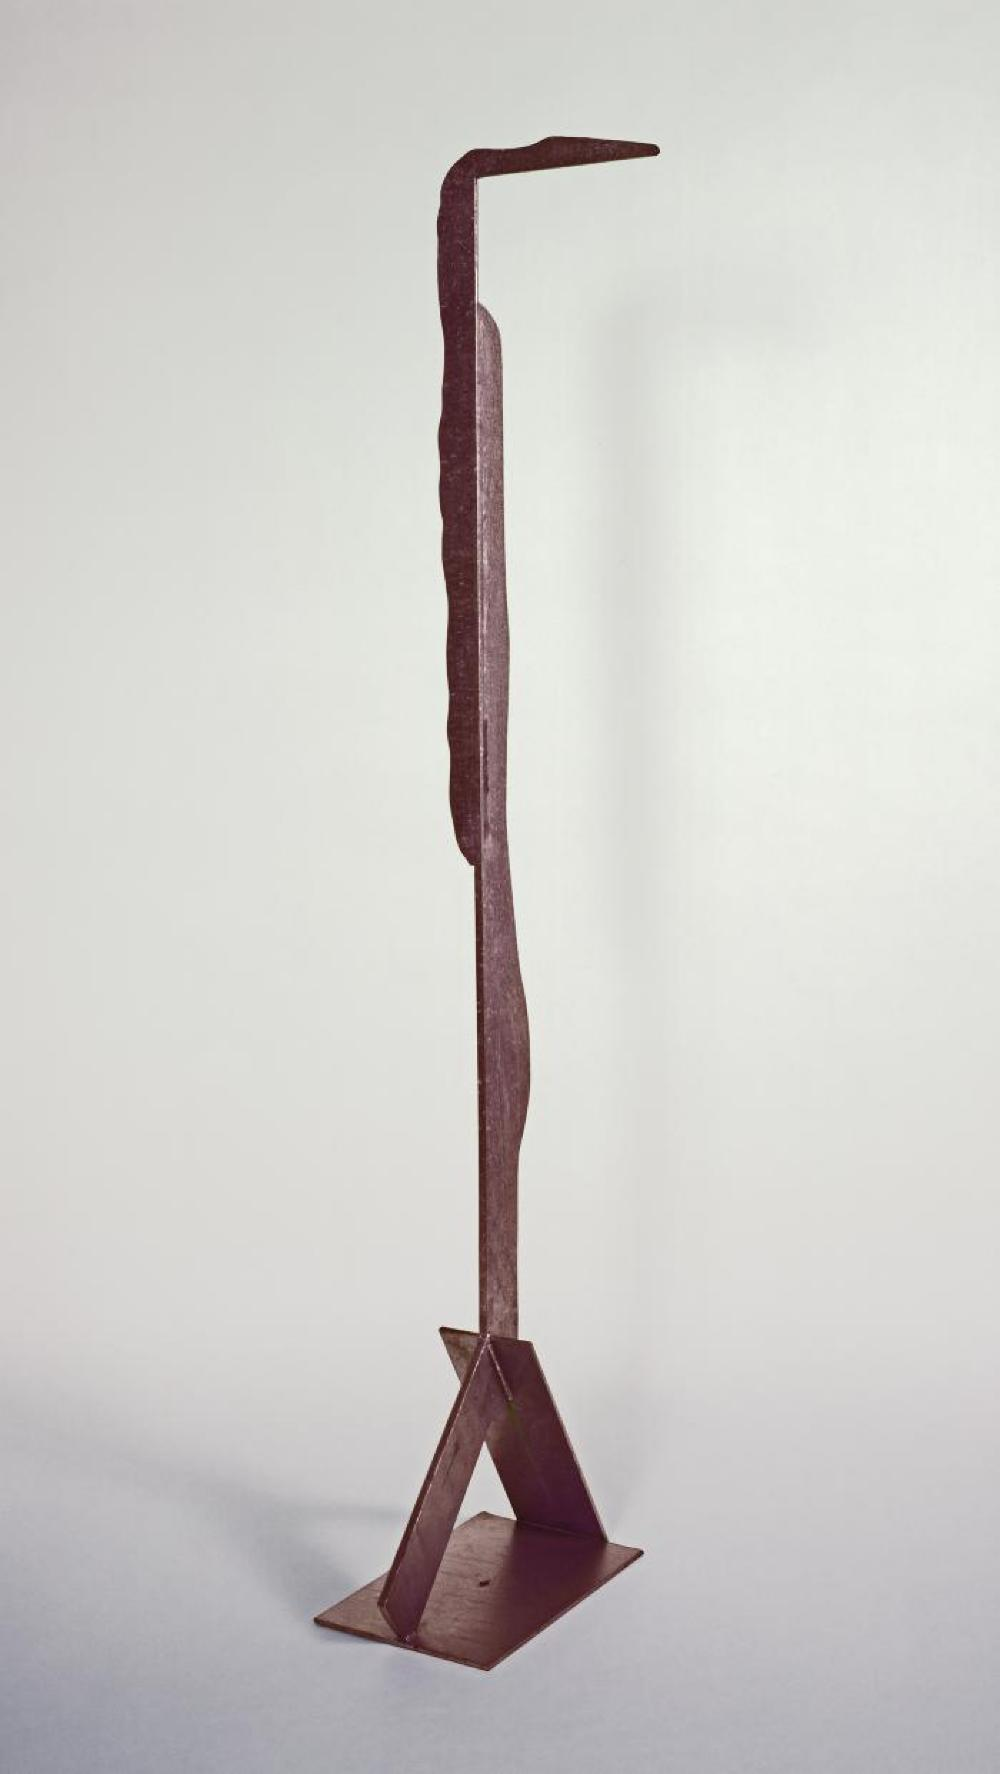 Giacomettis Shadow, image 1